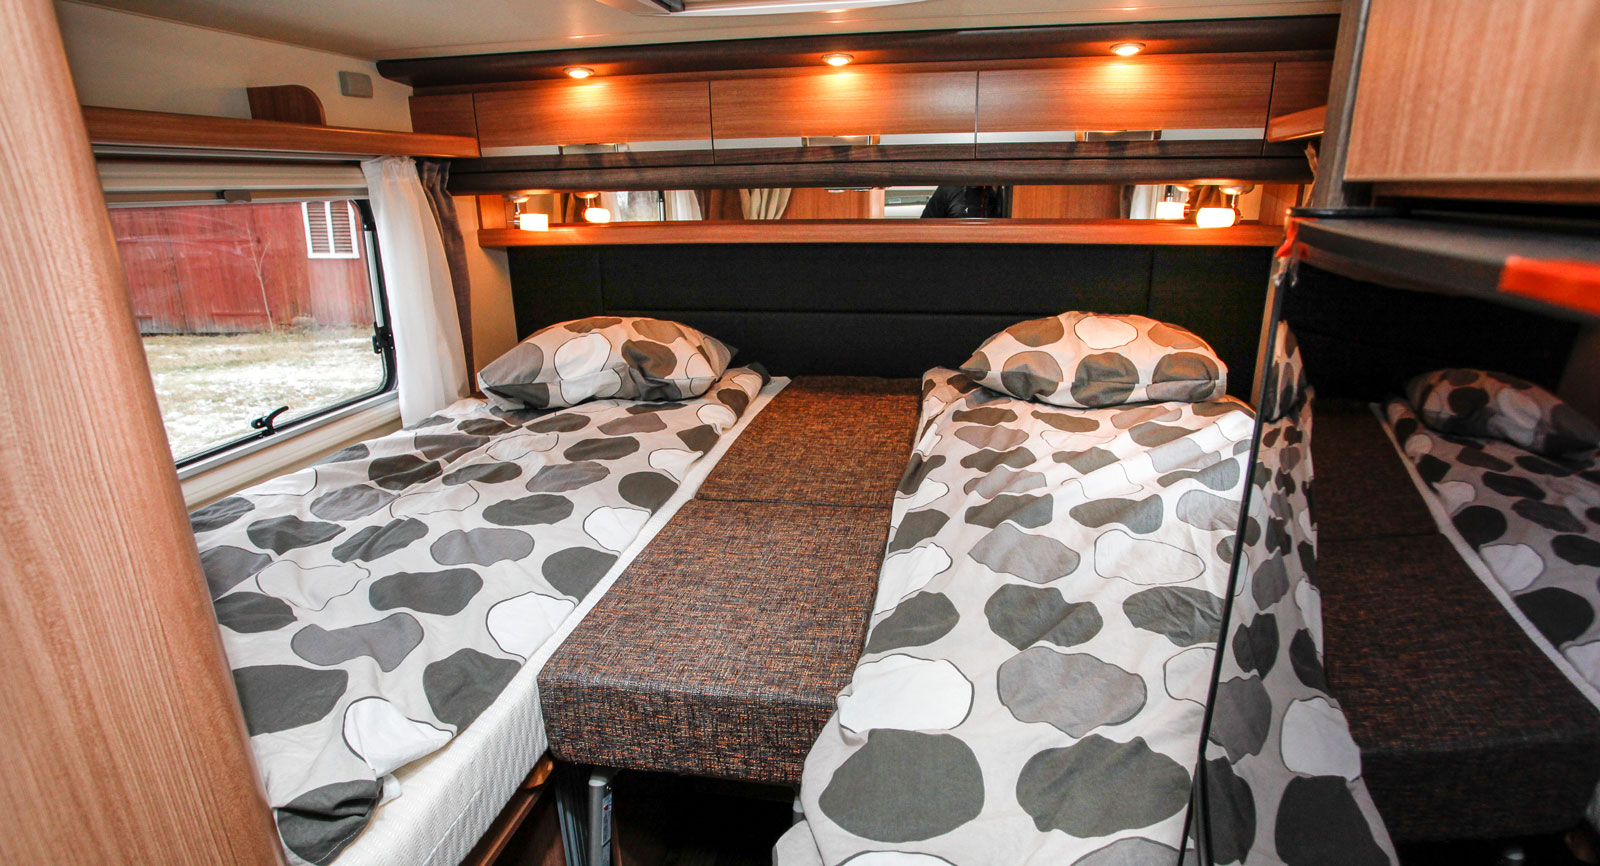 Sovrummet andas lyx och bekvämlighet. Stegen kan fällas in under madrasserna i mitten.